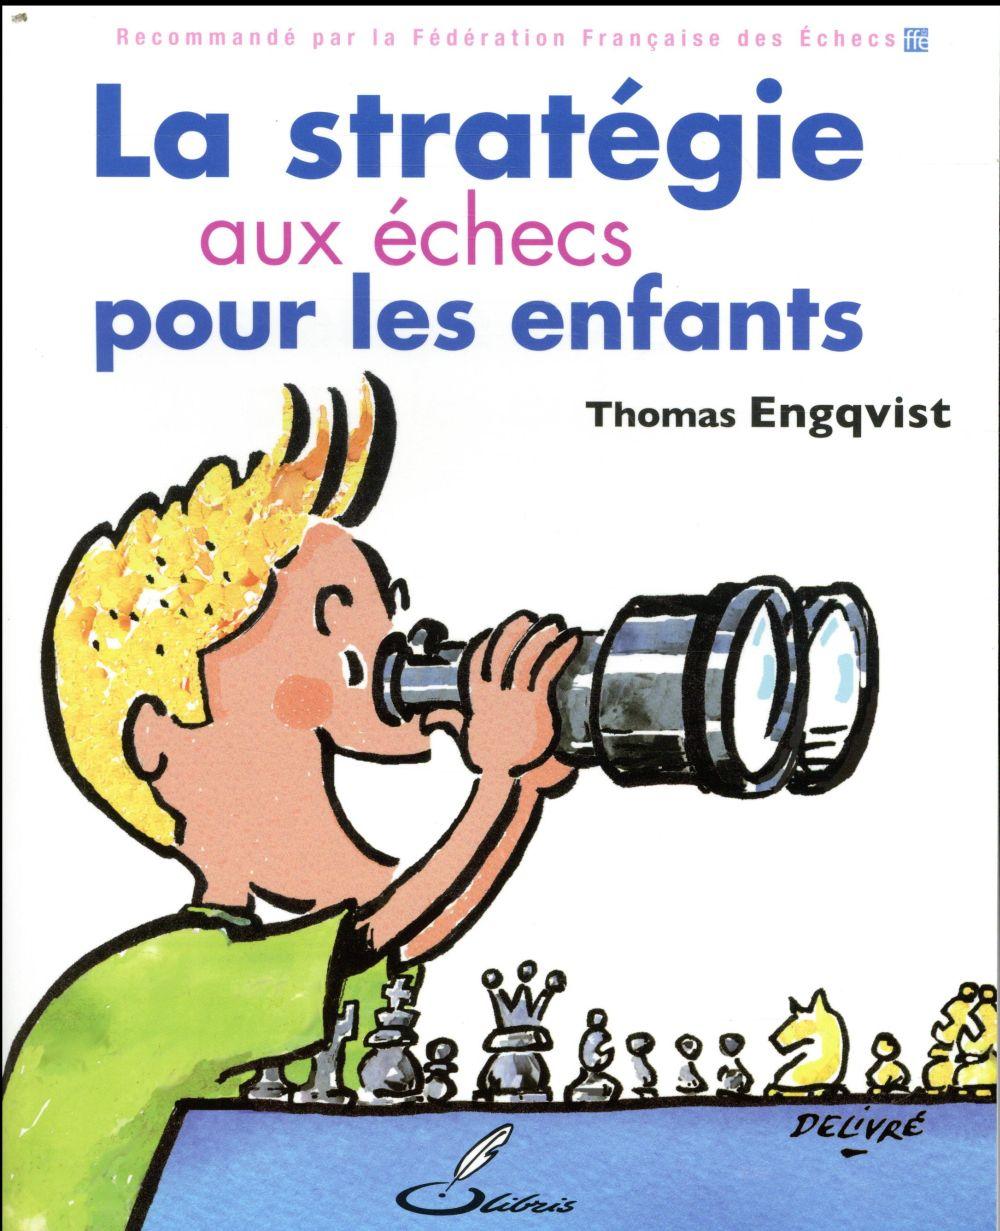 LA STRATEGIE AUX ECHECS POUR LES ENFANTS